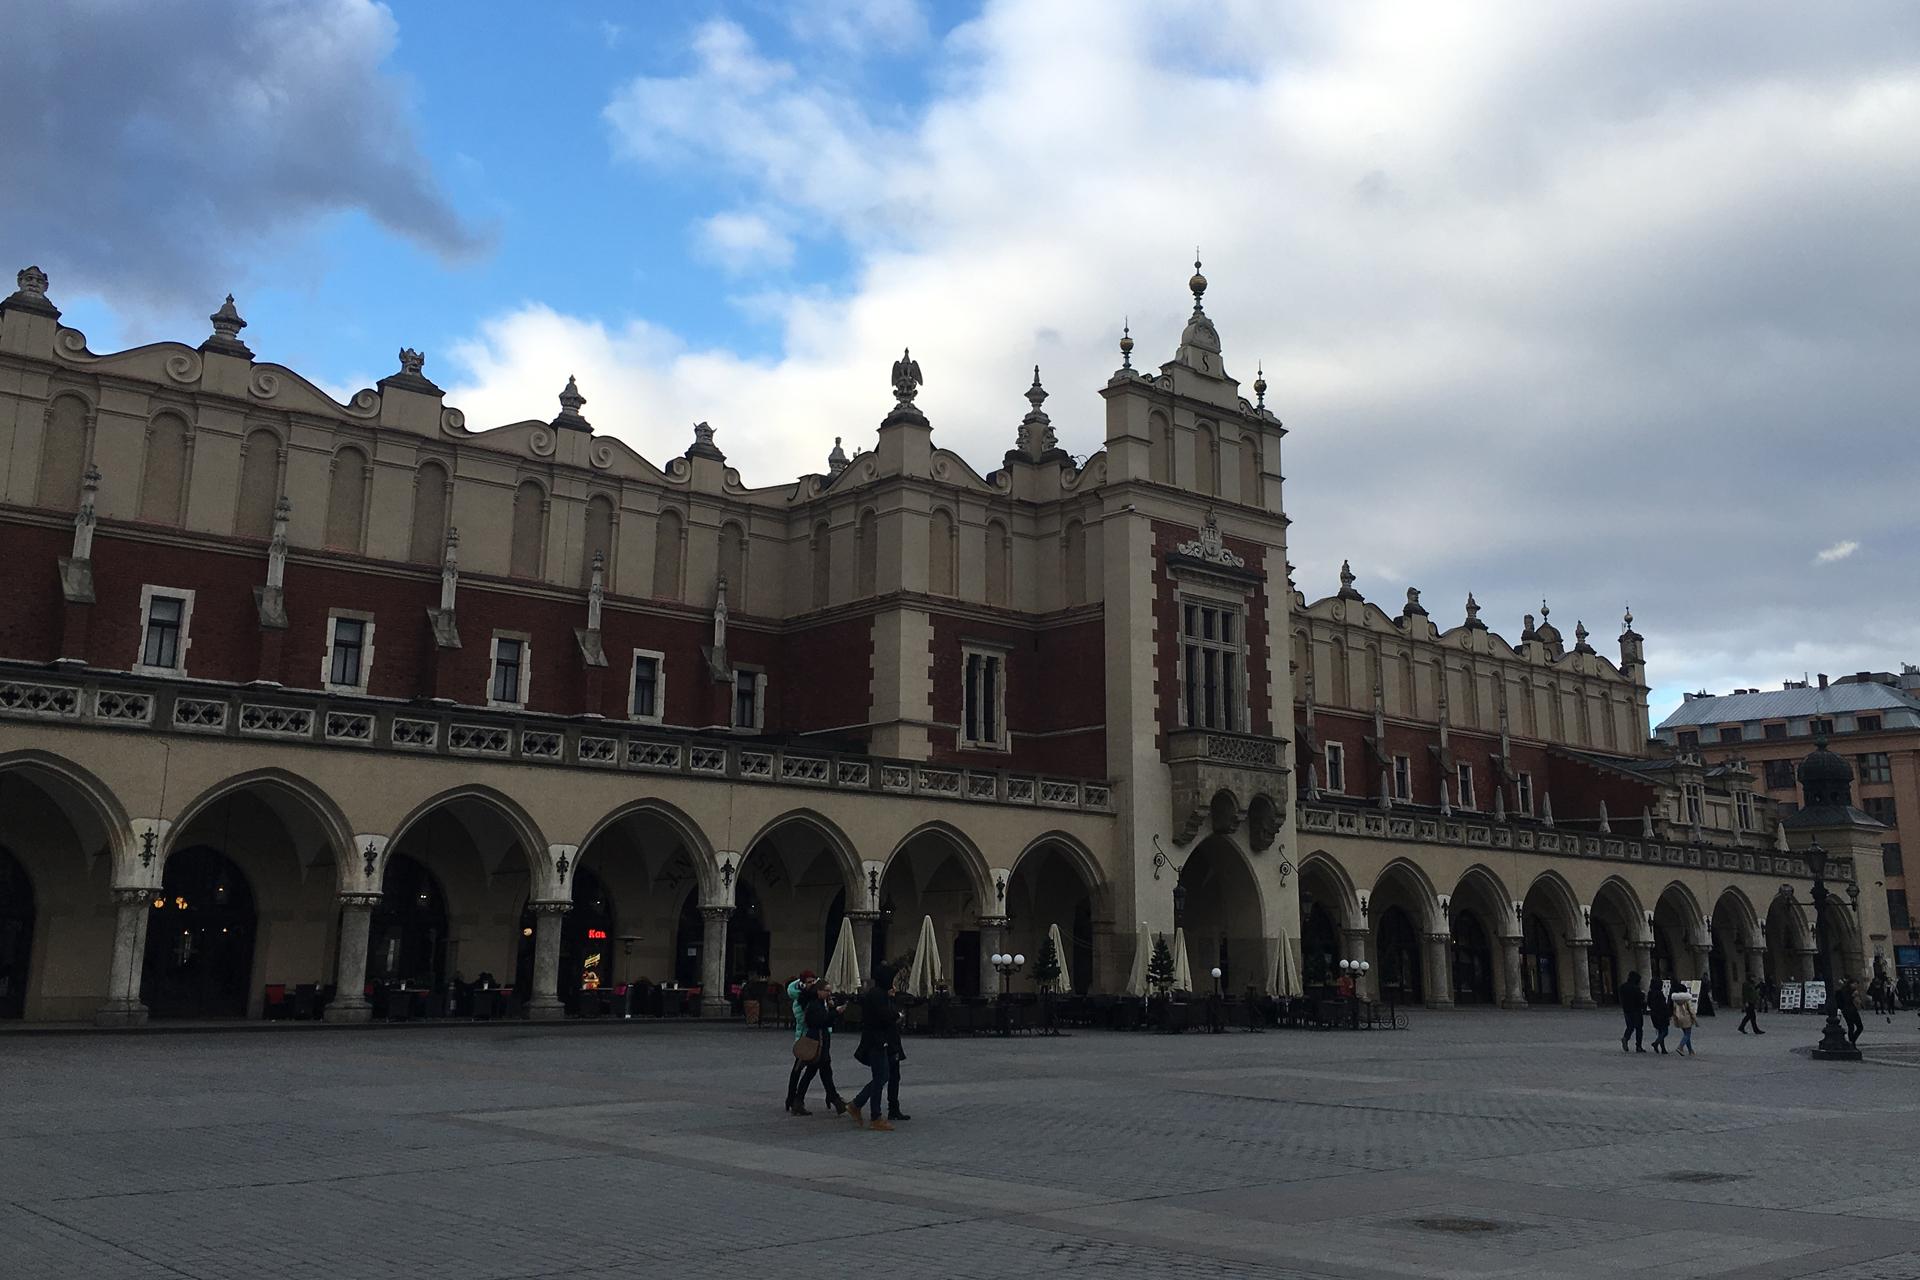 Die Krakauer Tuchhallen - eine der ältesten Shopping Mall auf Europas größtem Marktplatz.